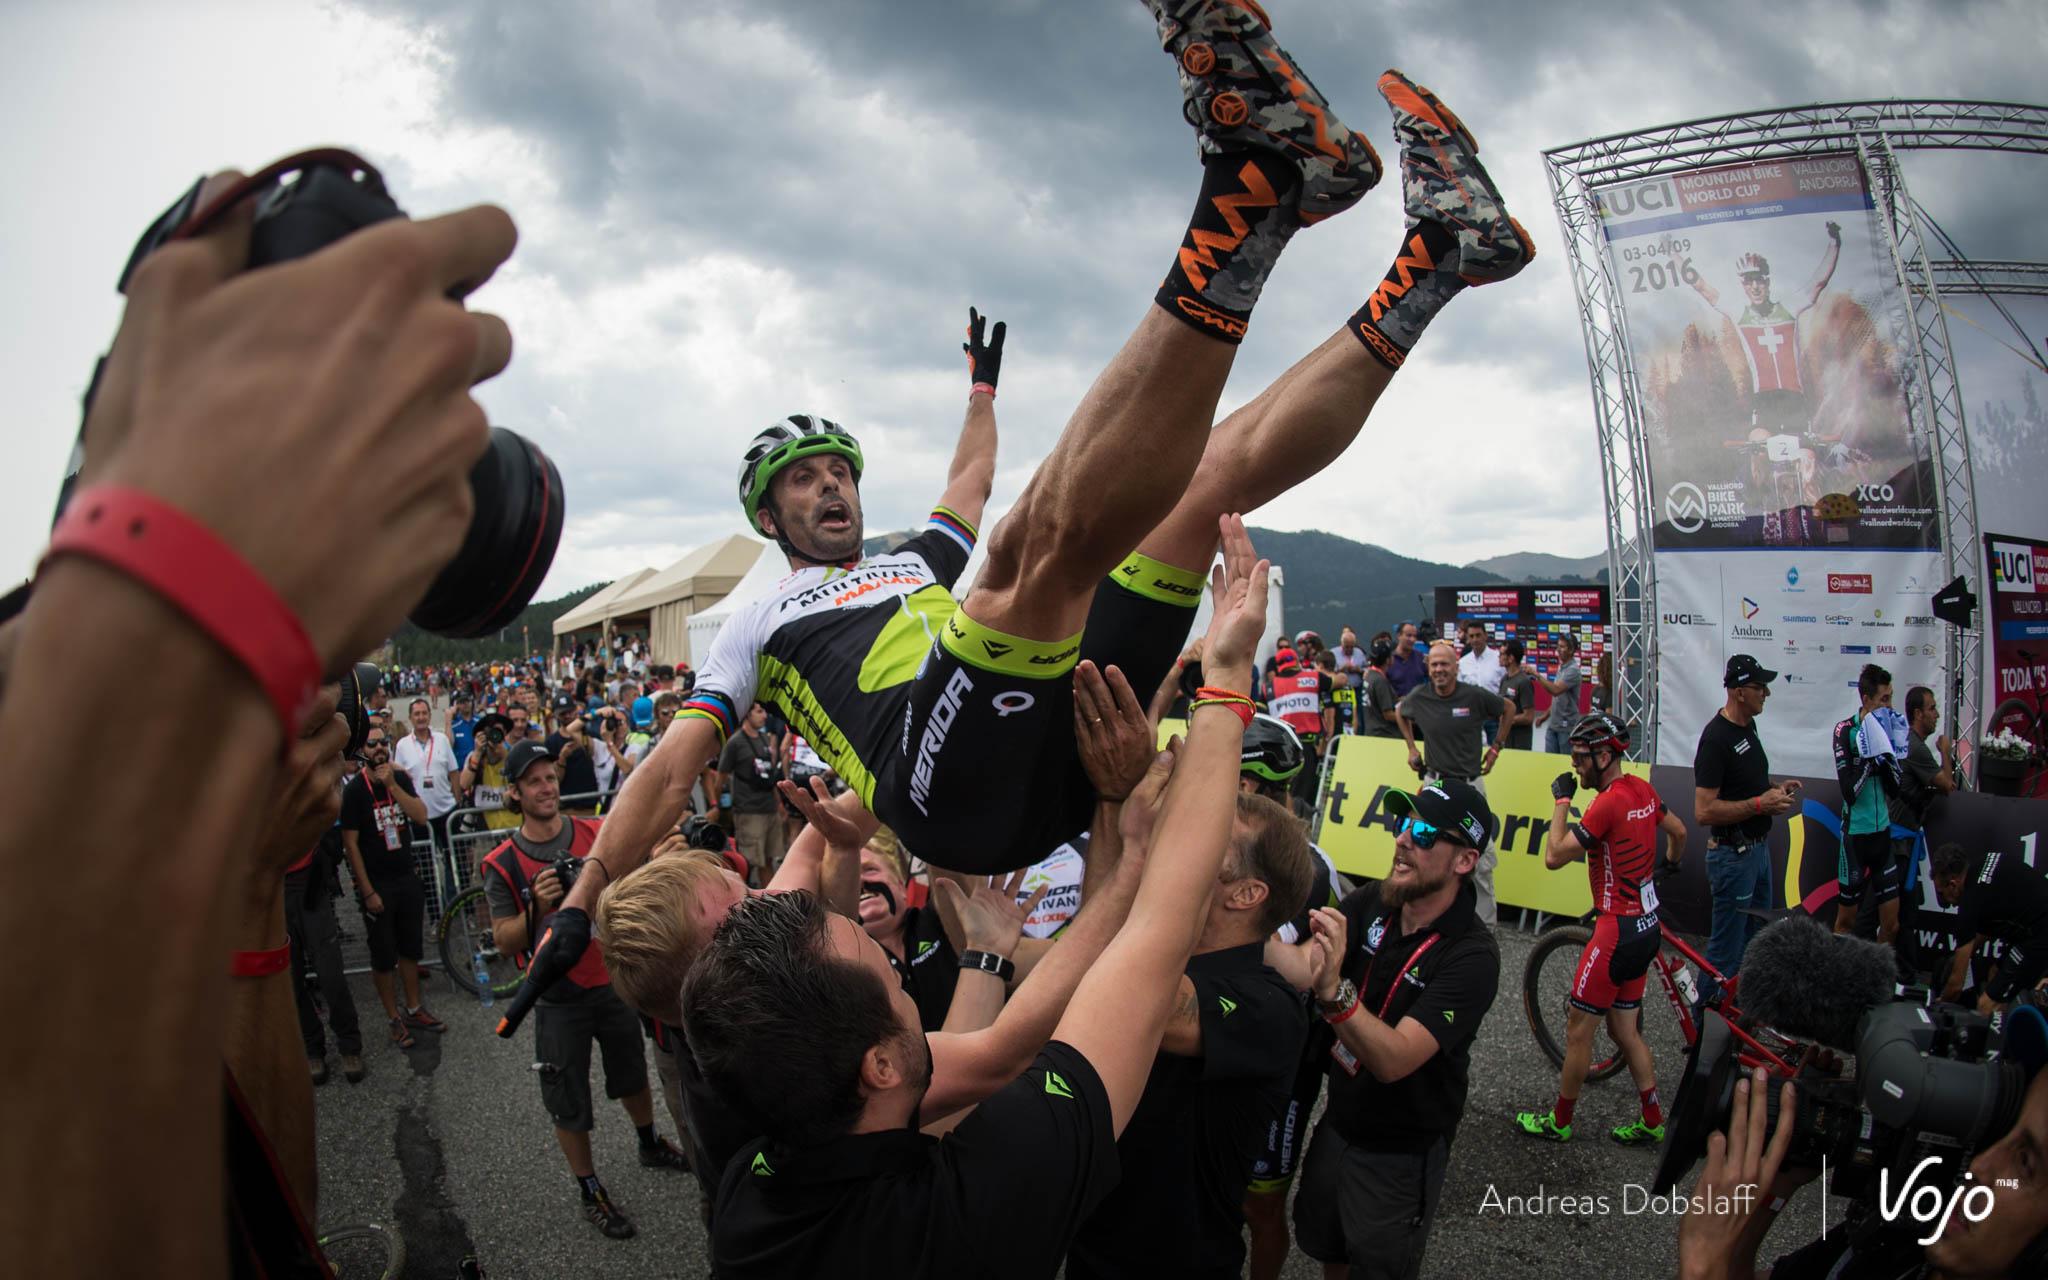 29, Hermida Ramos, José Antonio, Multivan Merida Biking Team, , ESP 21, Cink, Ondrej, Multivan Merida Biking Team, , CZE 44, Litscher, Thomas, Multivan Merida Biking Team, , SUI